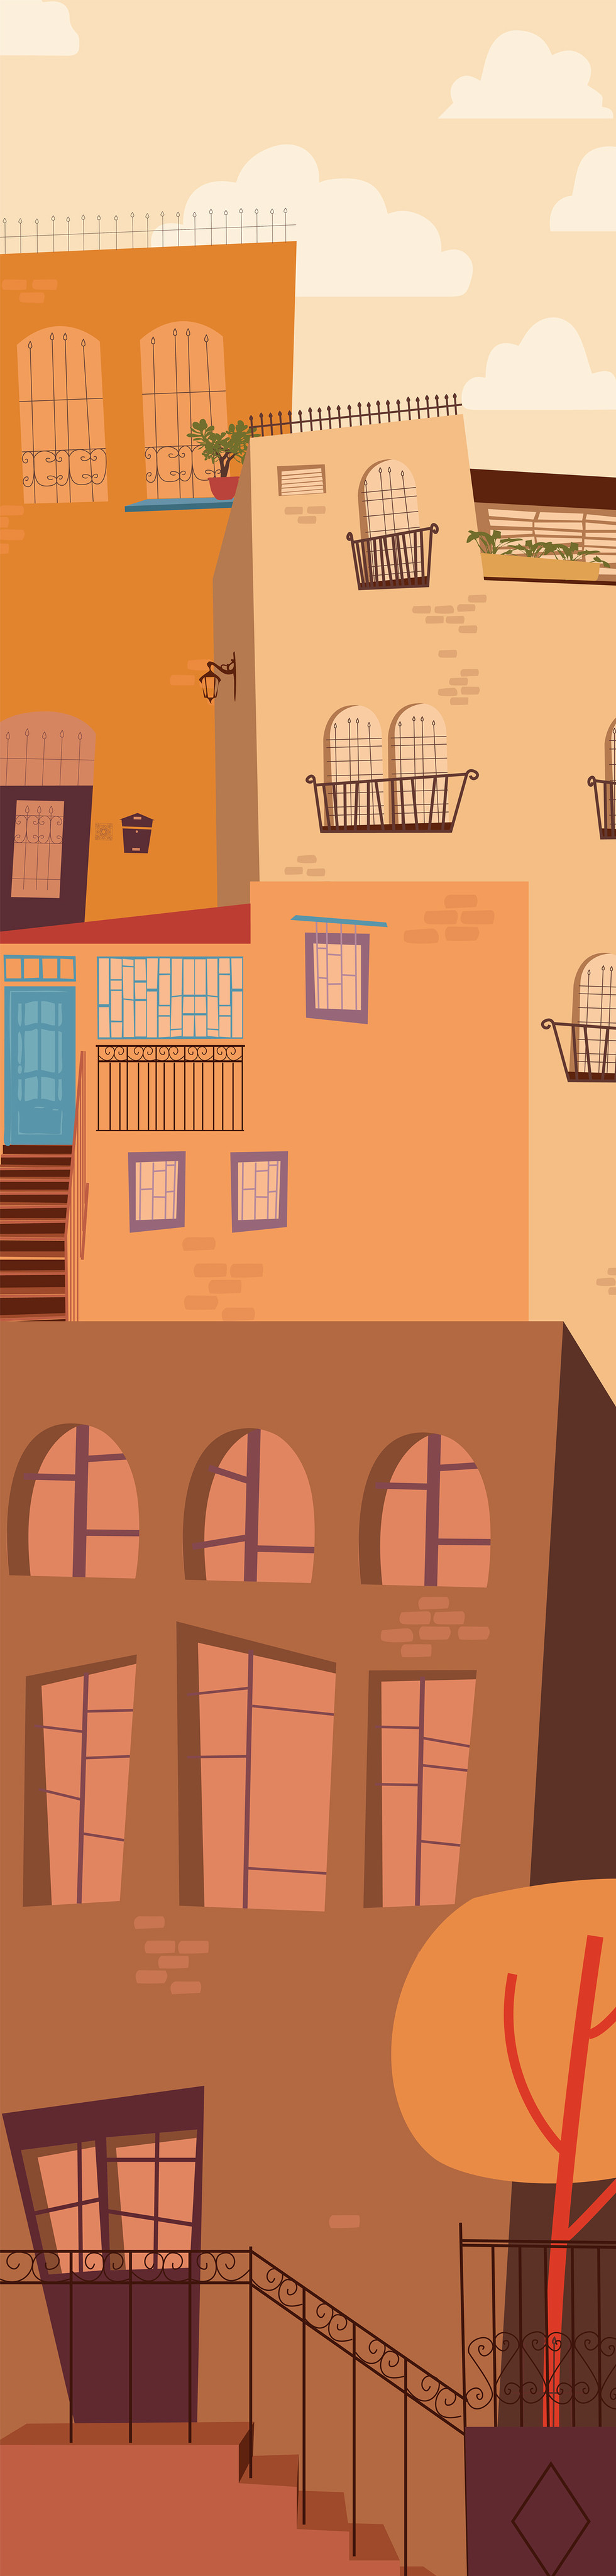 איור, עיצוב ואנימציה לקליפ מוסיקה, סרטון אנימציה קצר - רתם יראקצ'י